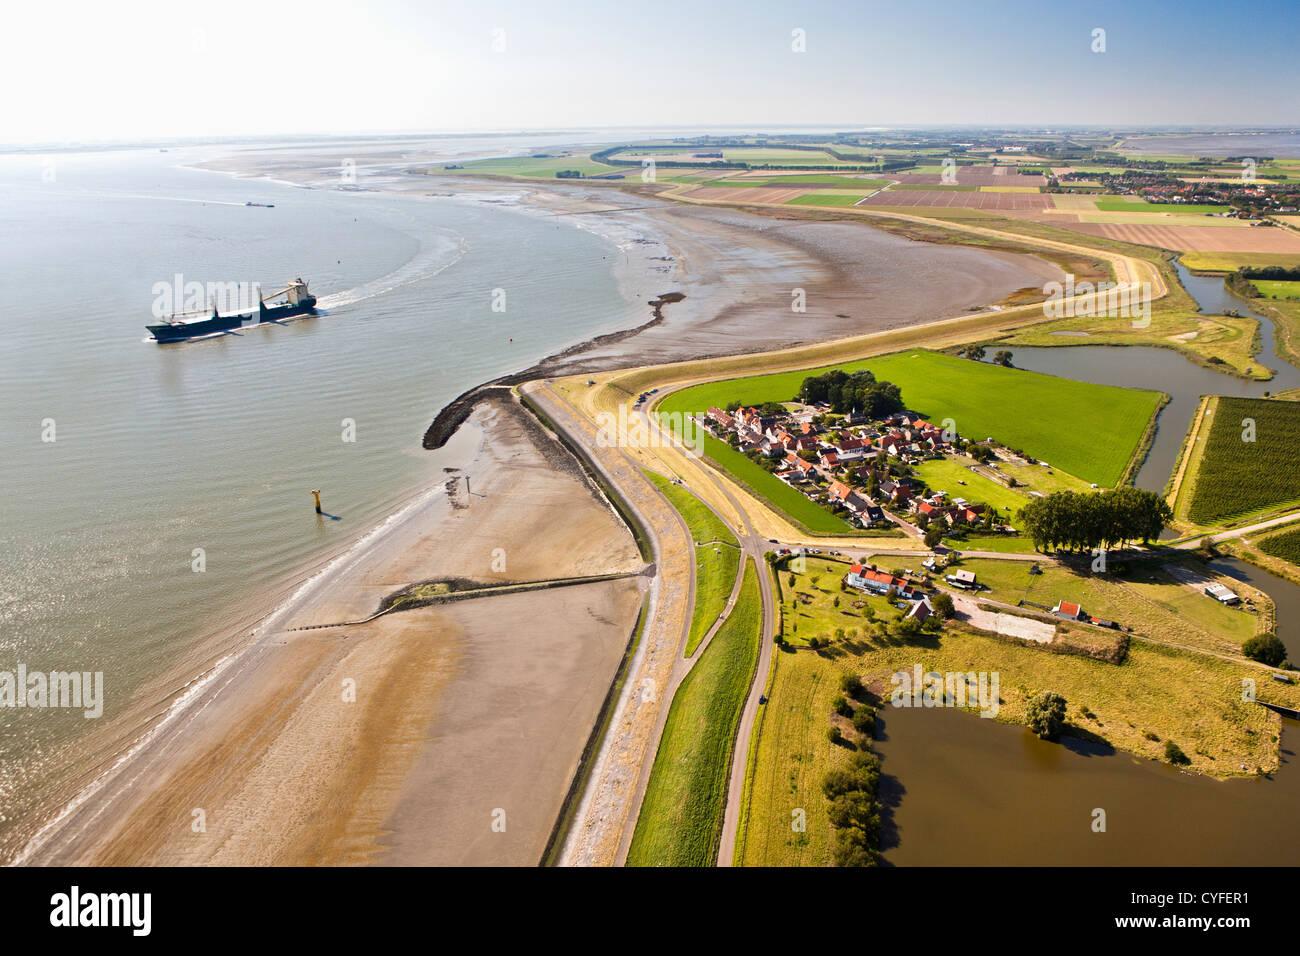 Die Niederlande, Bad, Blick auf Dorf und den Fluss Westerschelde. Frachtschiff. Luft. Stockbild